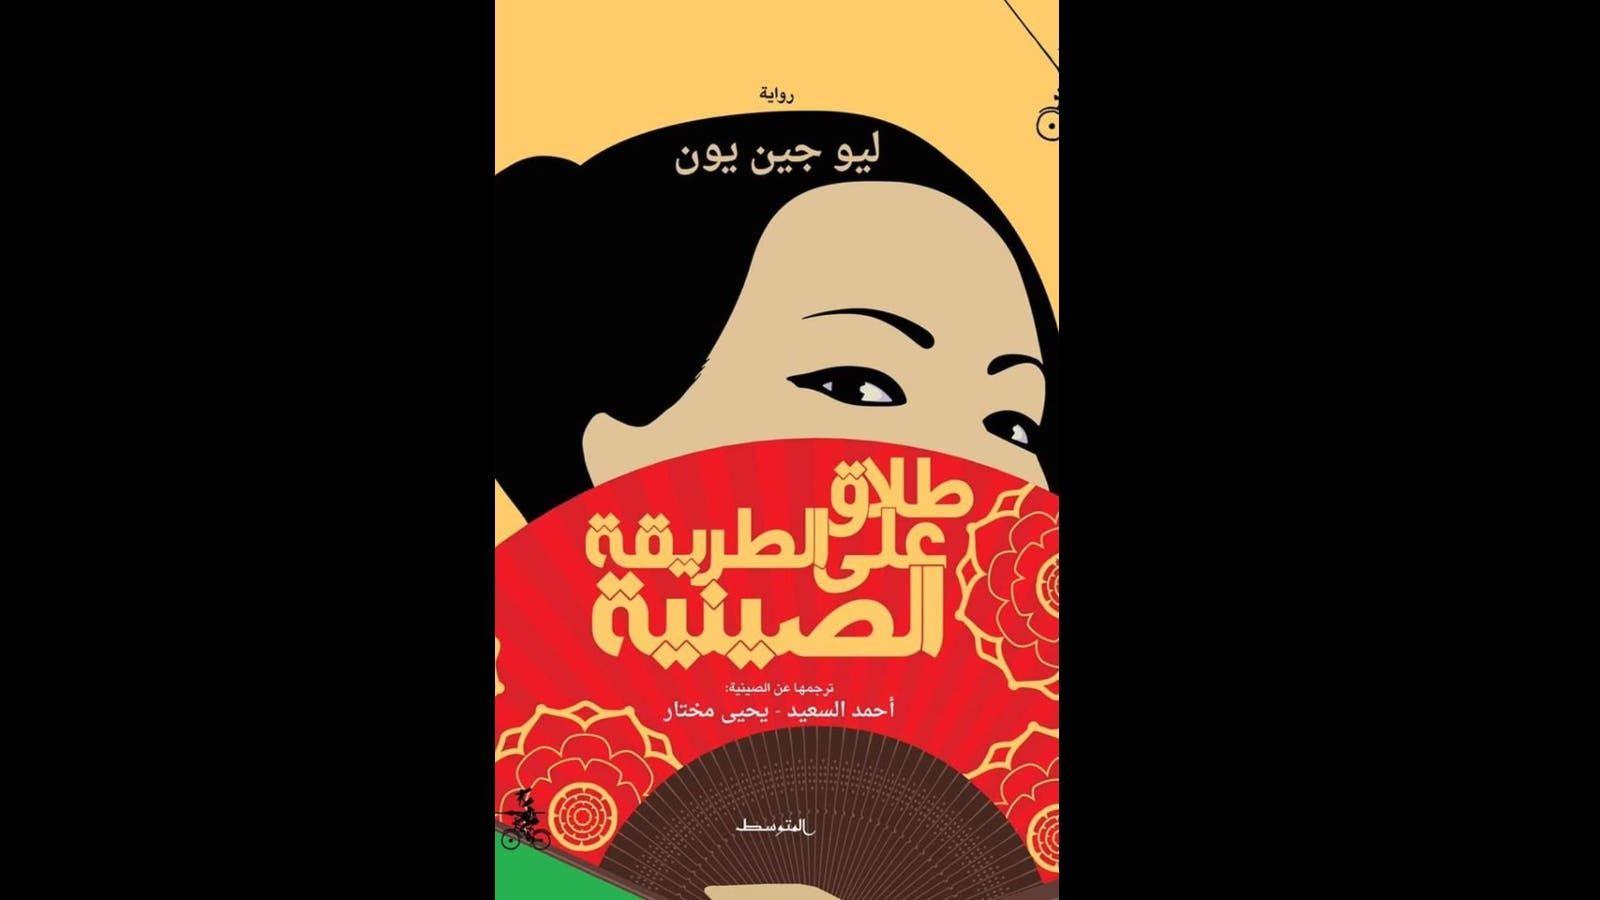 يصدر قريبا الترجمة العربية لرواية طلاق على الطريقة الصينية Lemonade Bottle Drinks